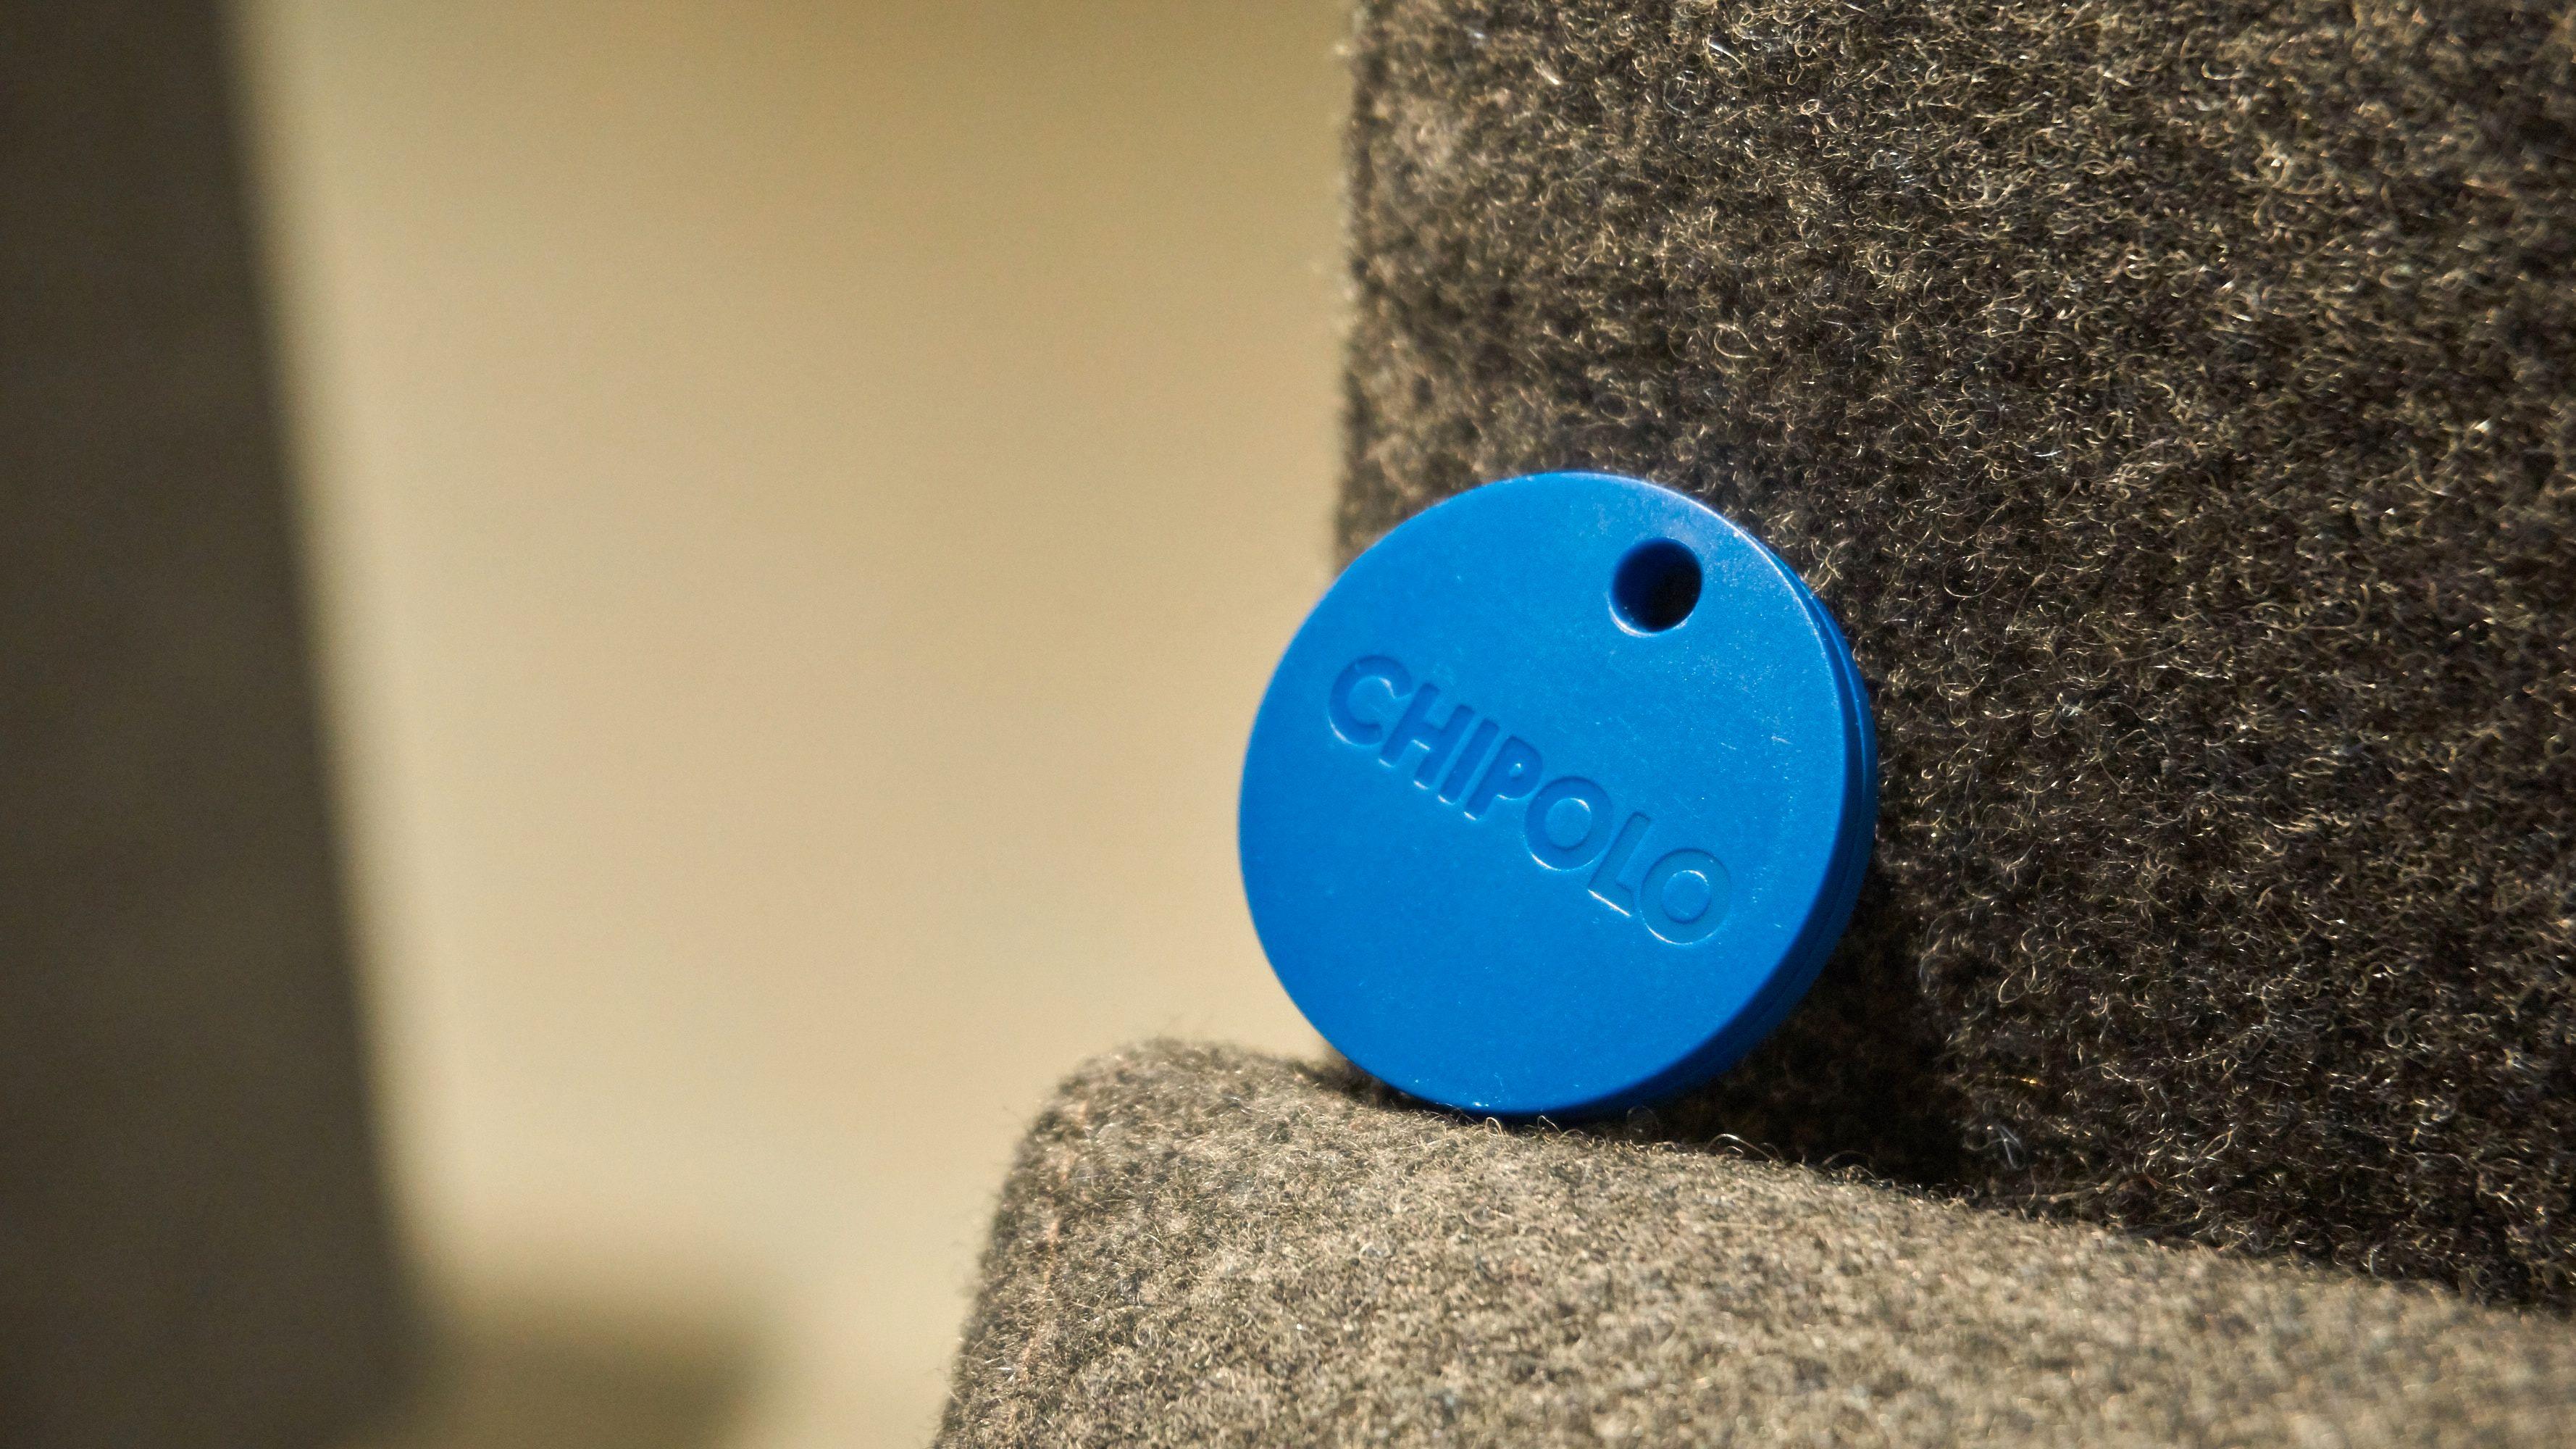 Den blå varianten er litt mer spenstig enn den svarte. Knappen sitter i logoen.